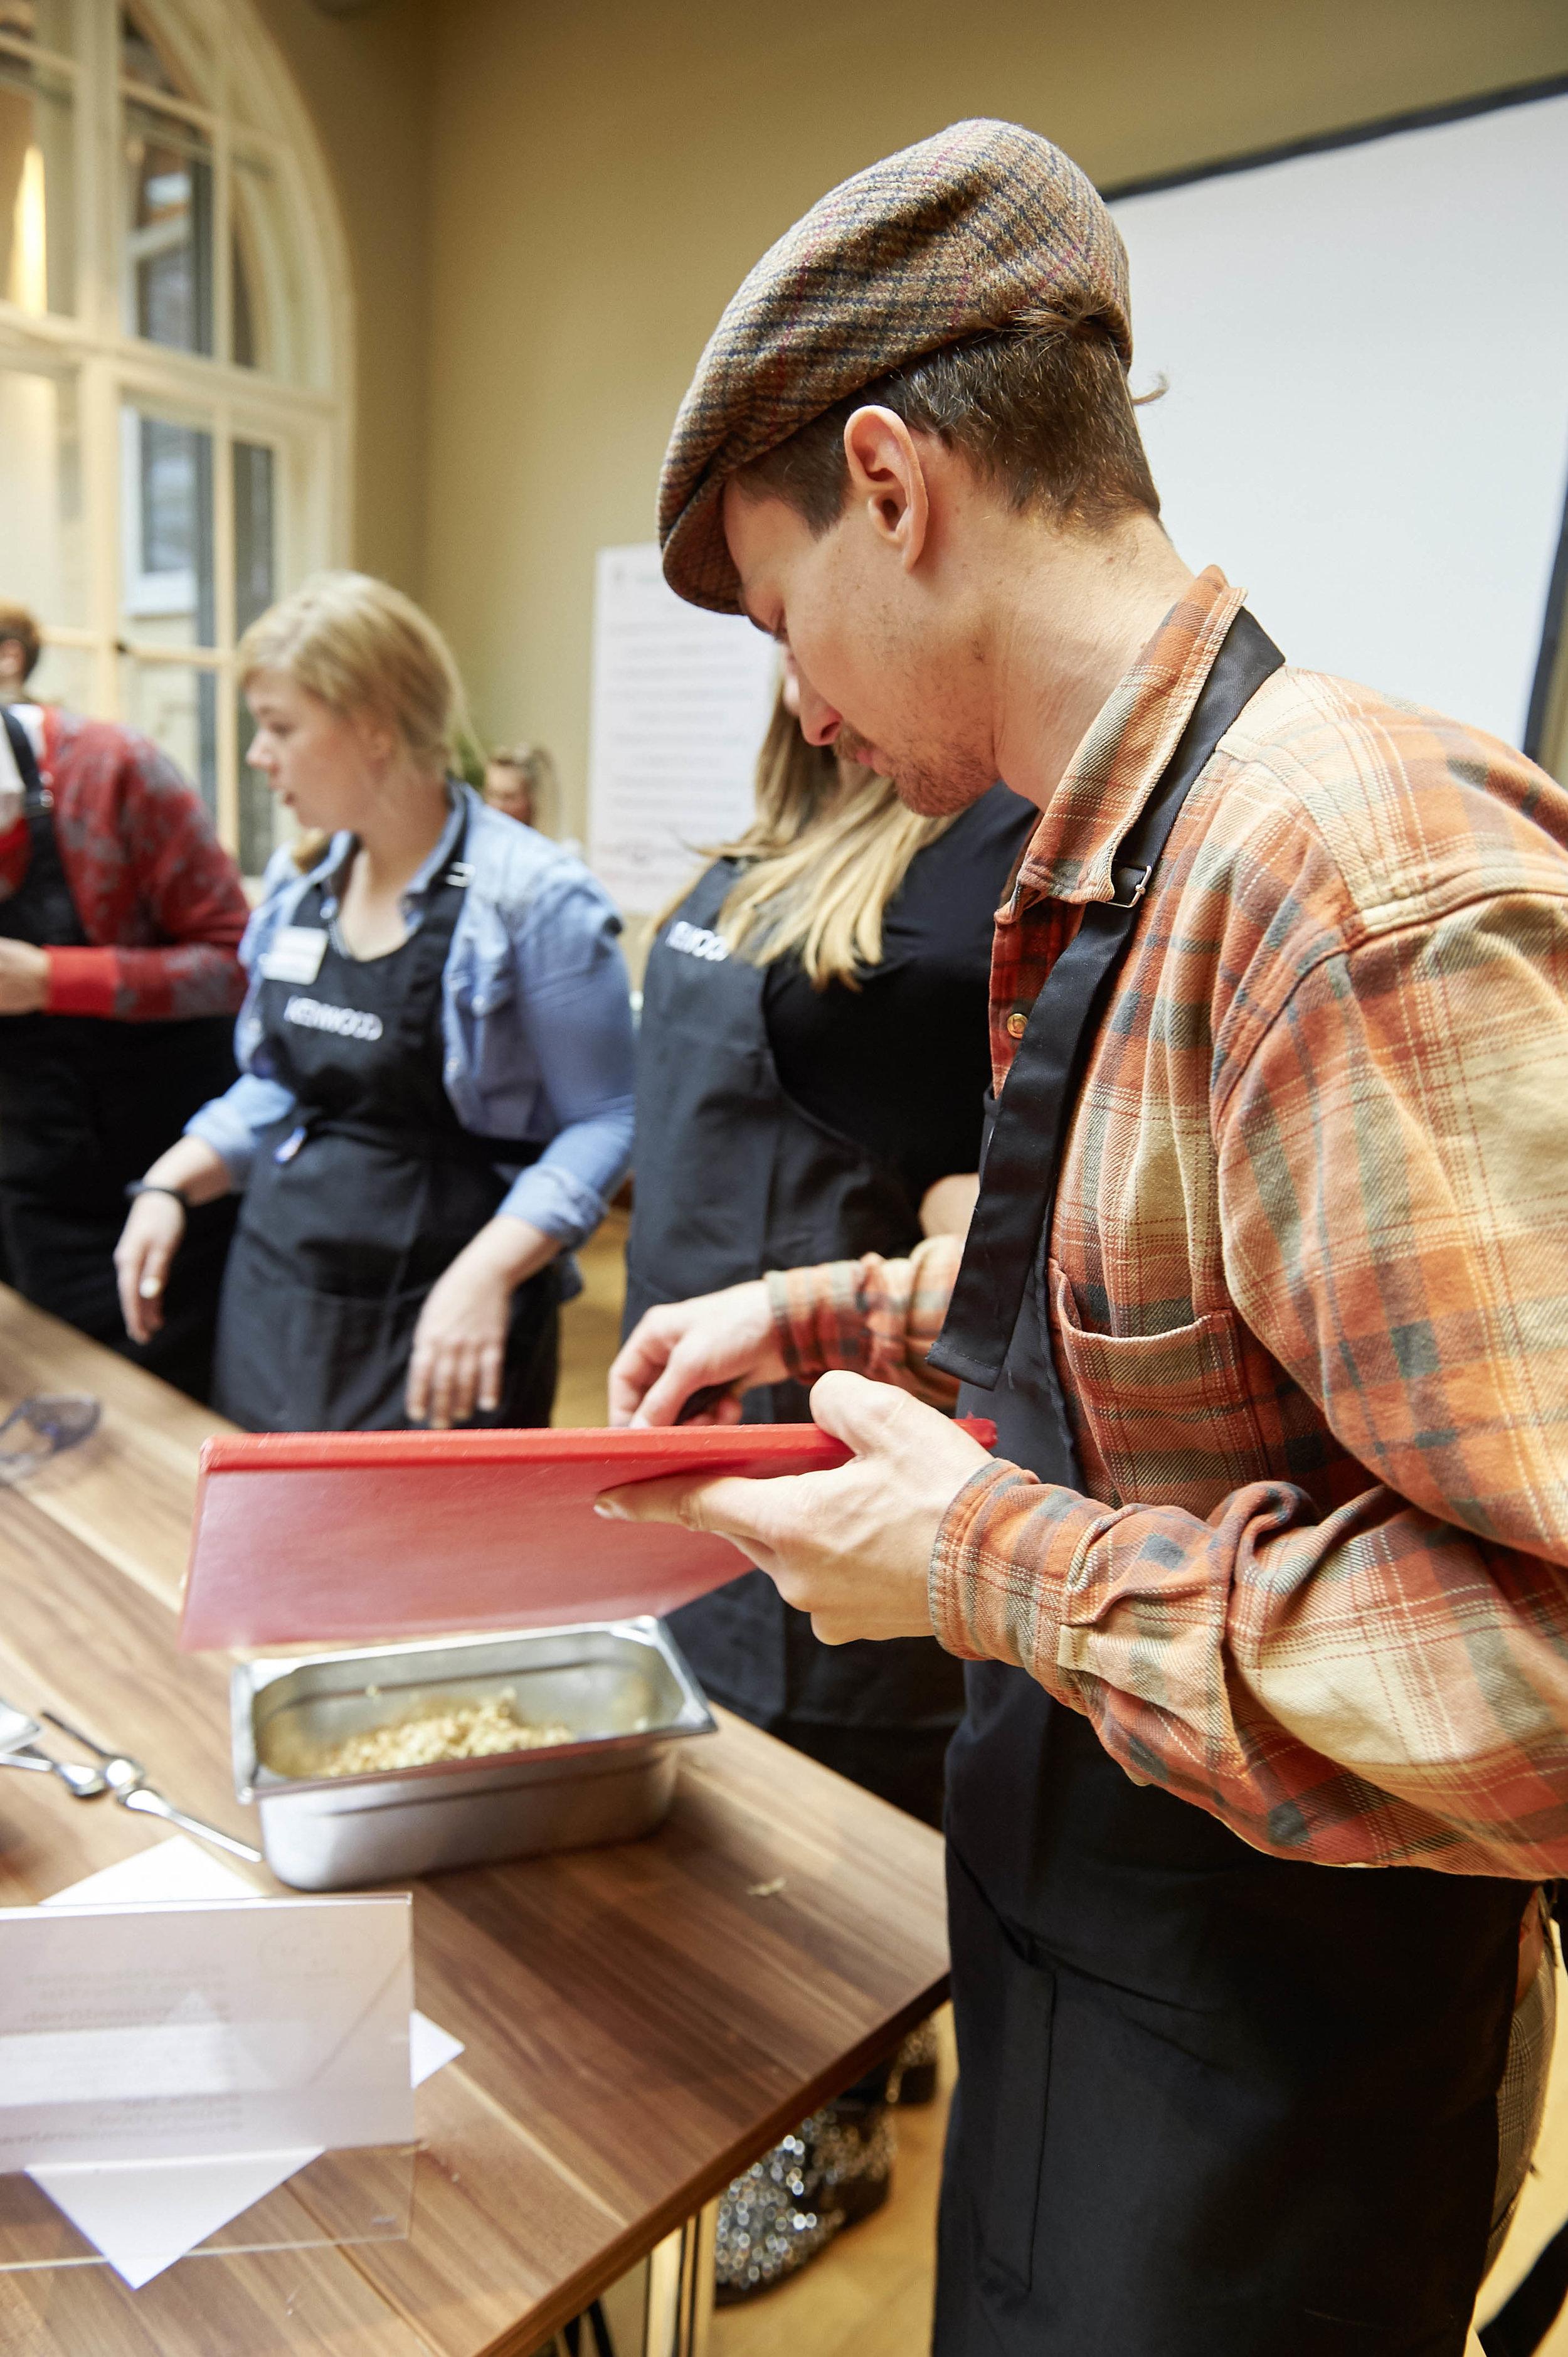 Food_Blog_Meet_Berlin_39 copy.jpg